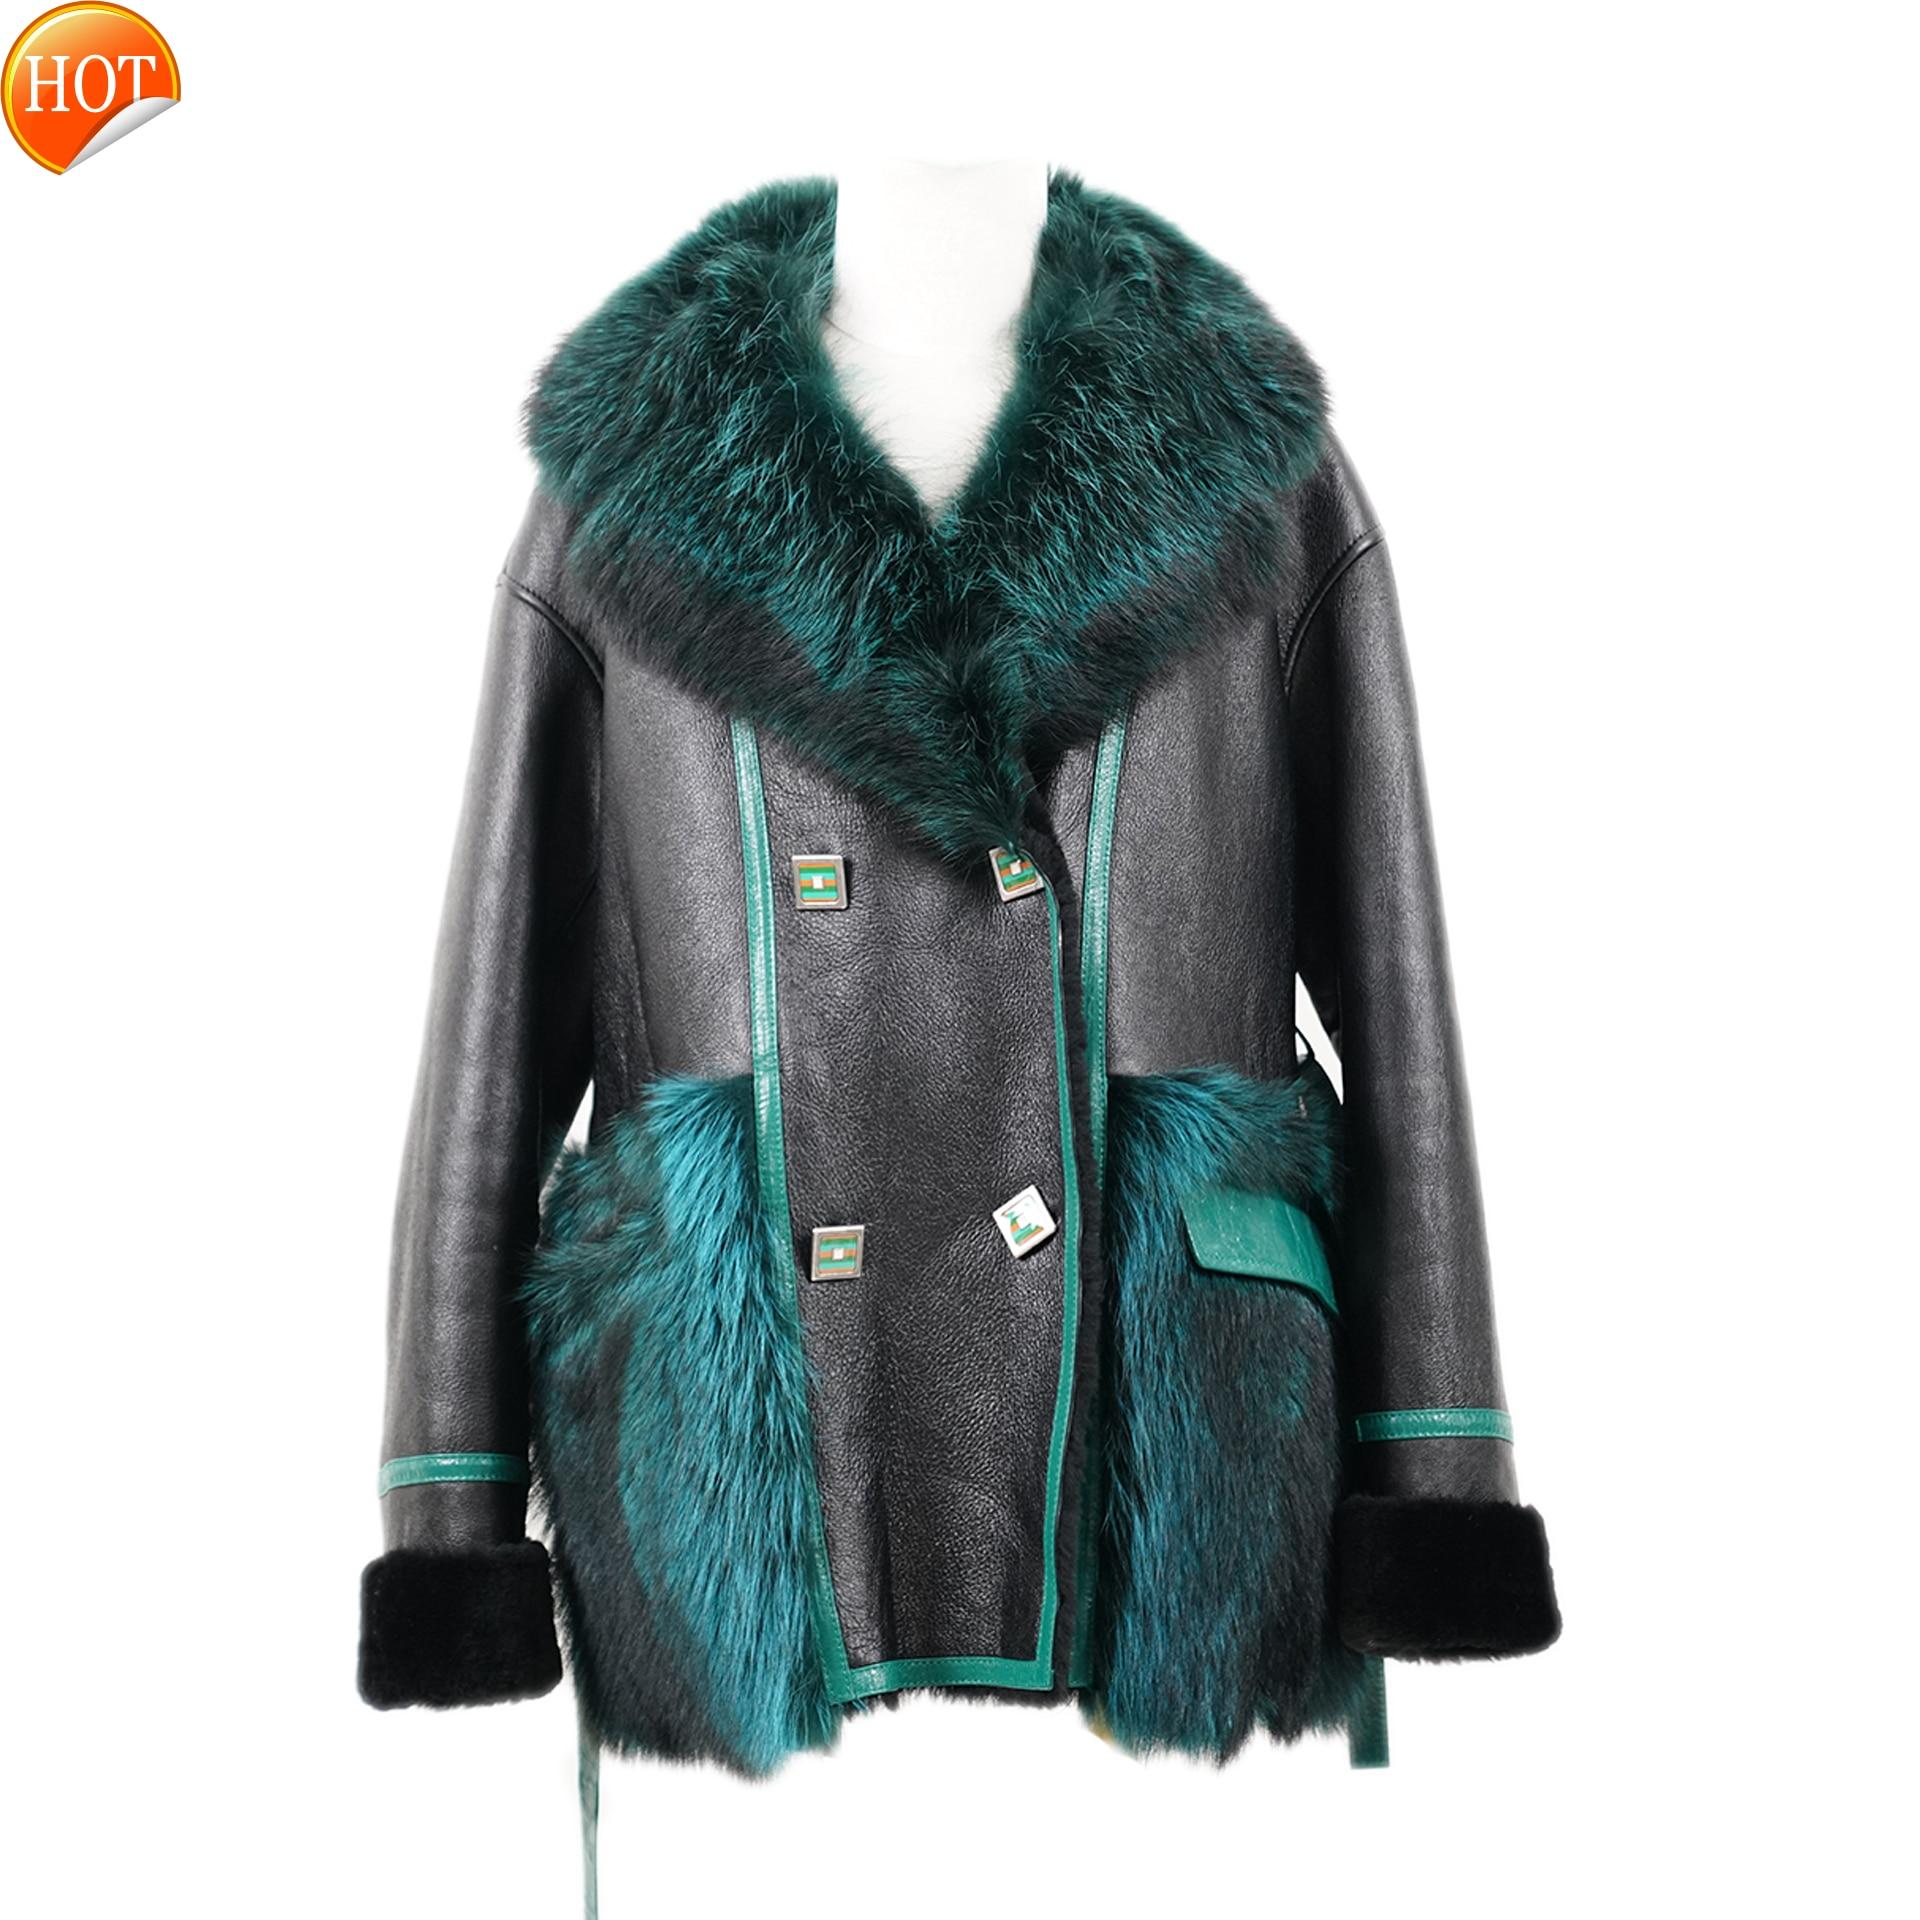 معطف شتوي جديد 2021, ملابس شتوية جديدة من جلد الغنم ، دمج ، أسلوب أنيق من الفراء الفاخر